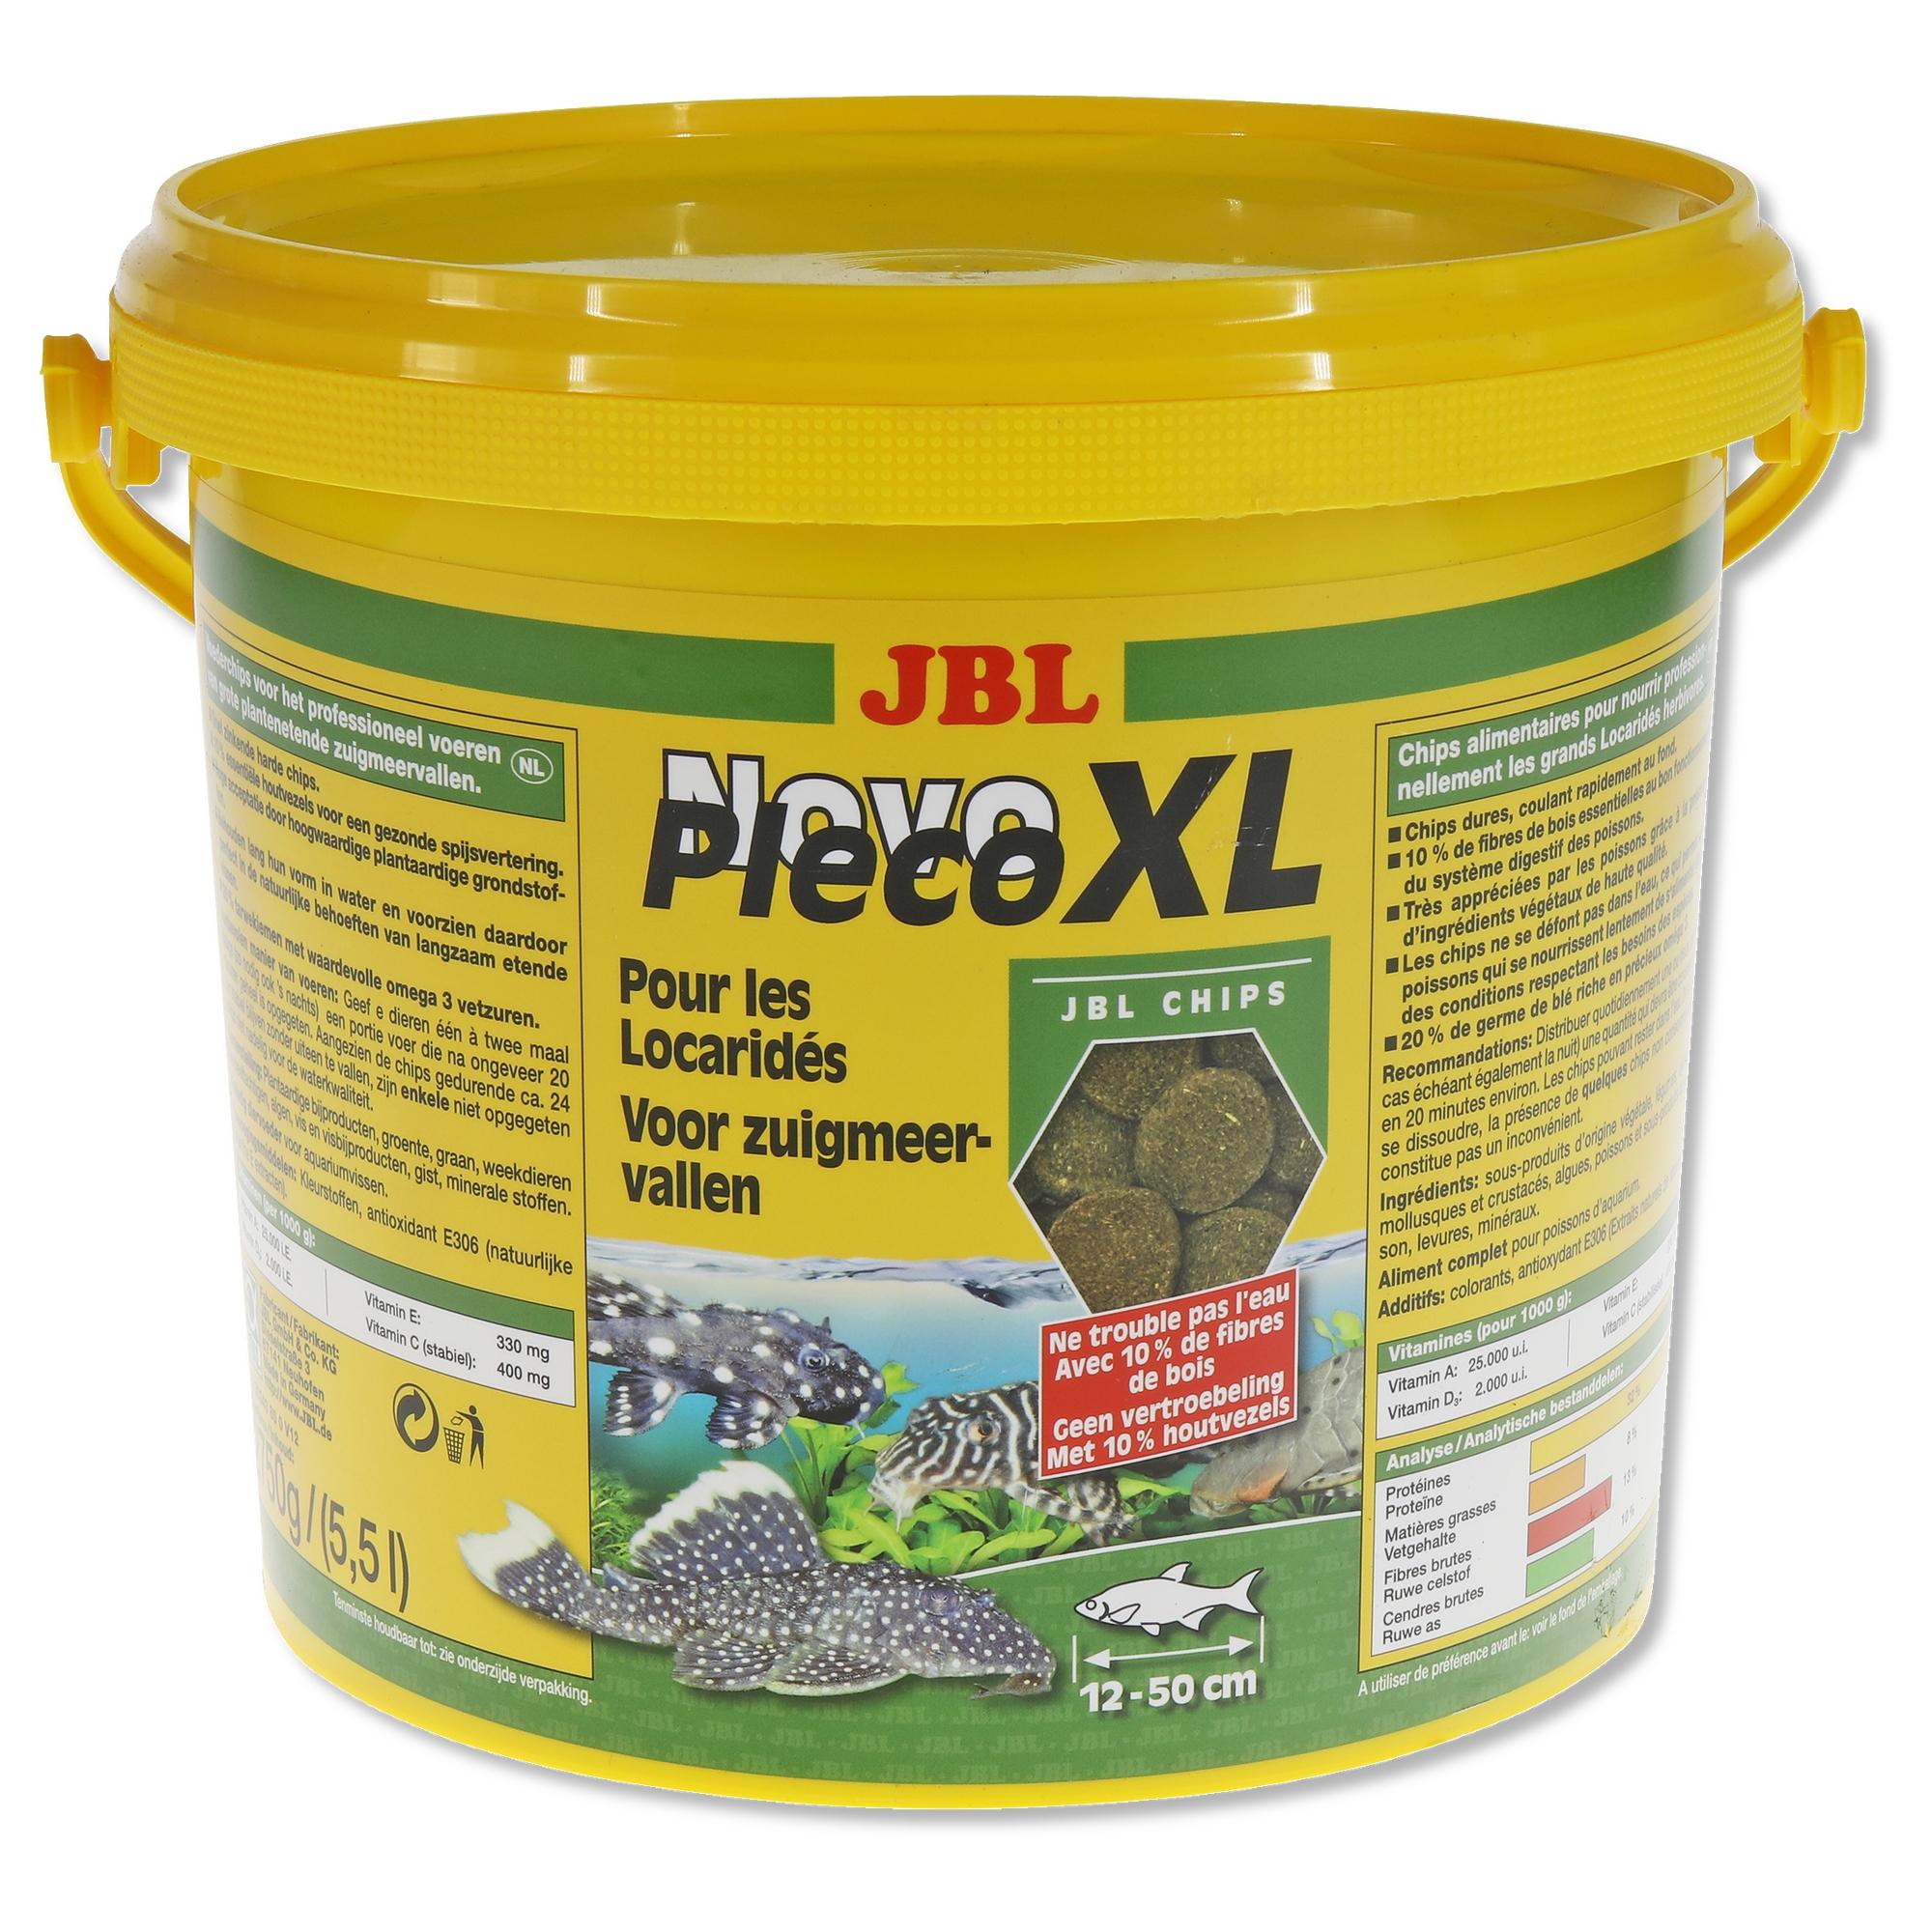 JBL NovoPleco XL - 5,5 L